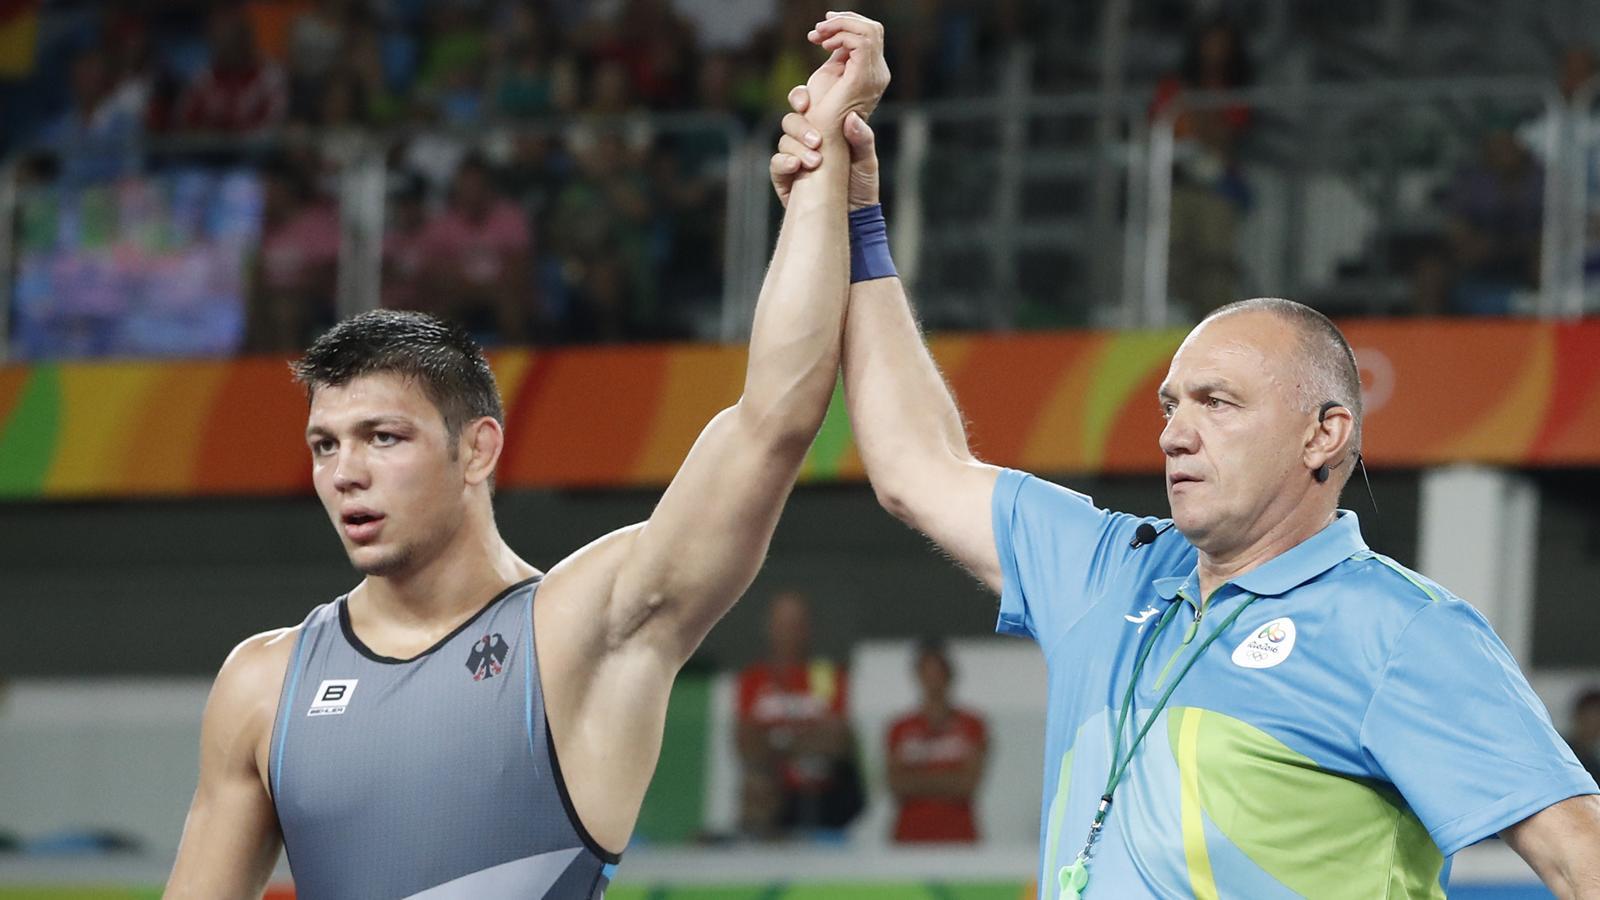 olympia 2016 denis kudla gewinnt bronze medaille in rio rio 2016 ringen griechisch r misch. Black Bedroom Furniture Sets. Home Design Ideas